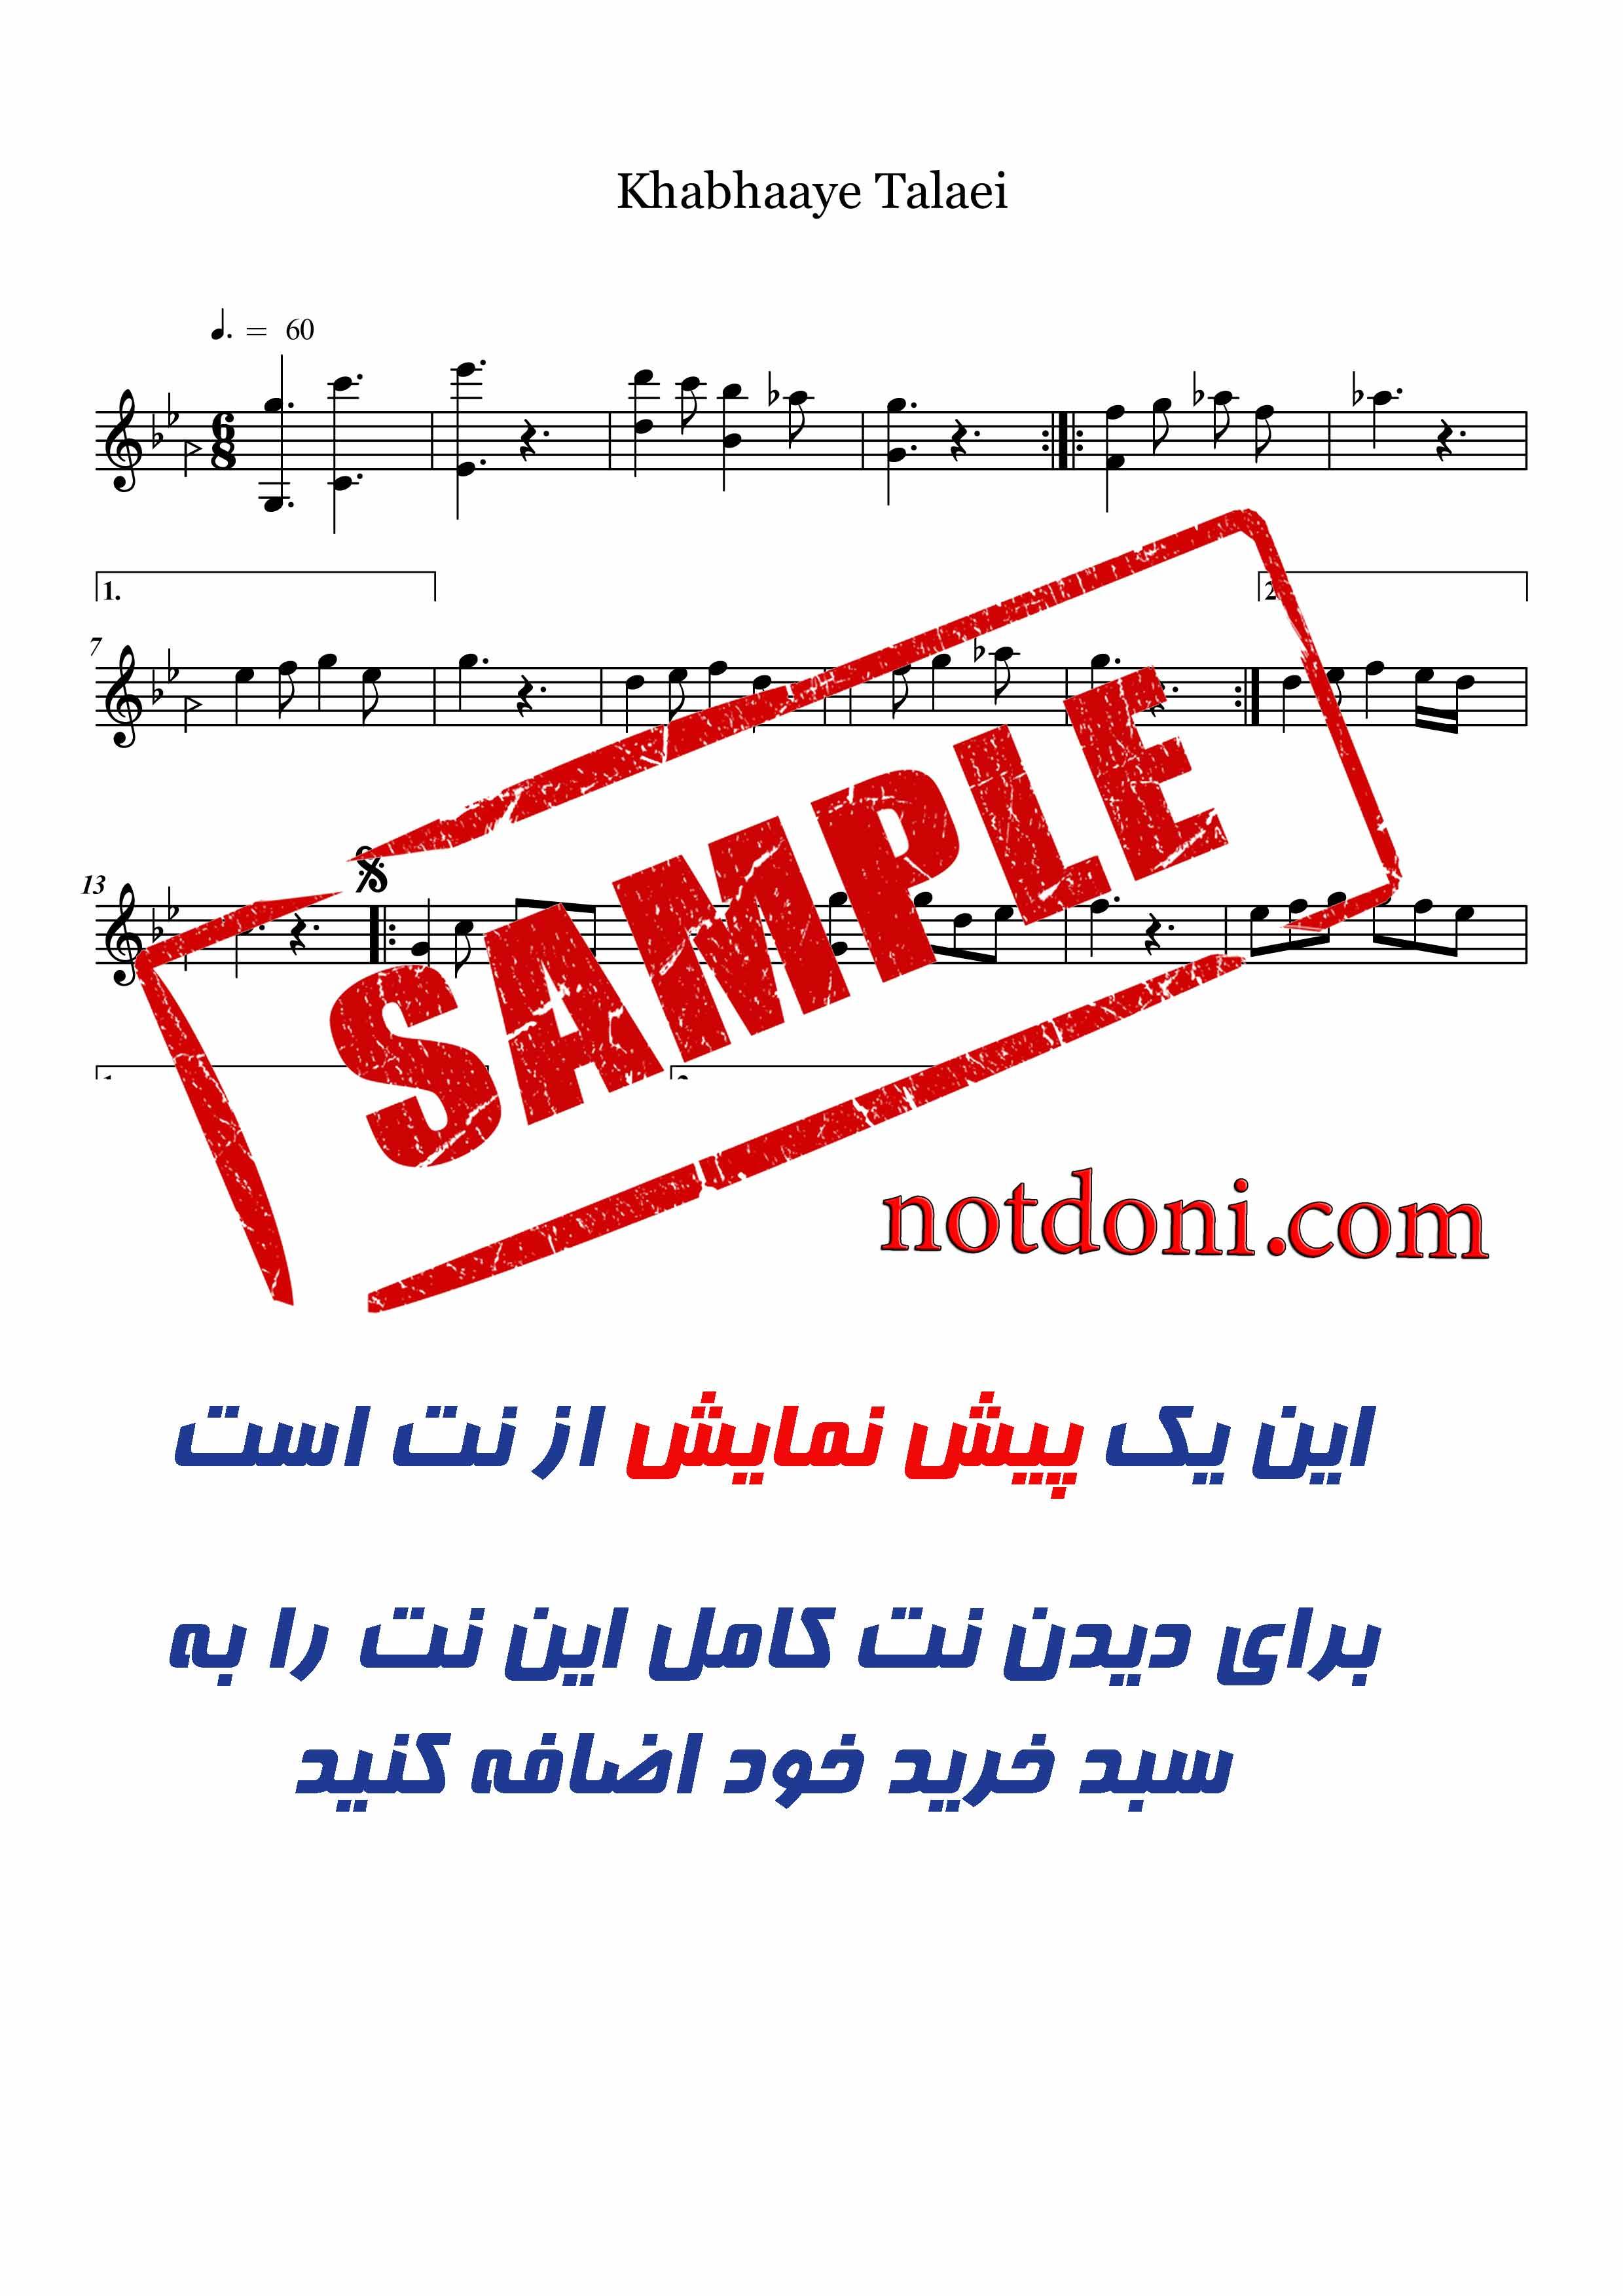 9d3c13a9-bd37-4e3d-978f-b3a8a6cec5dd_دموی-نت-آهنگ-خوابهای-طلایی-برای-سنتور.jpg